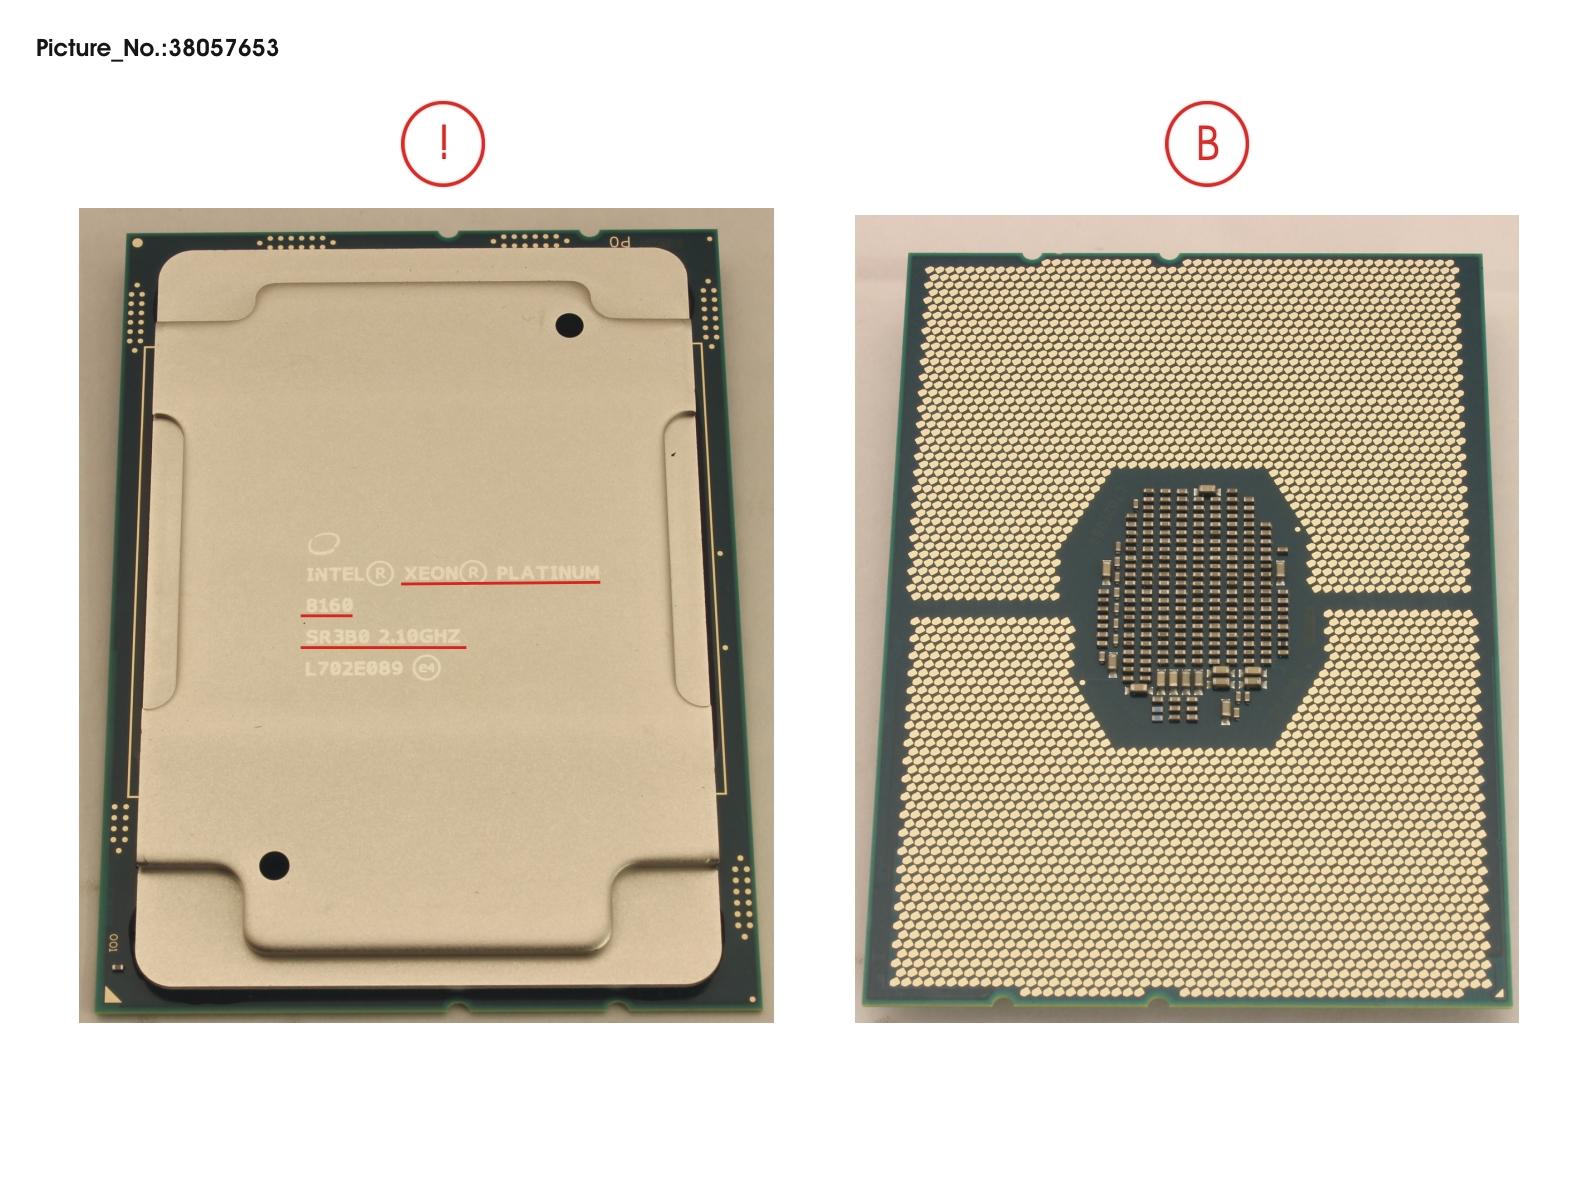 CPU XEON PLATINUM 8160 2,1GHZ 150W